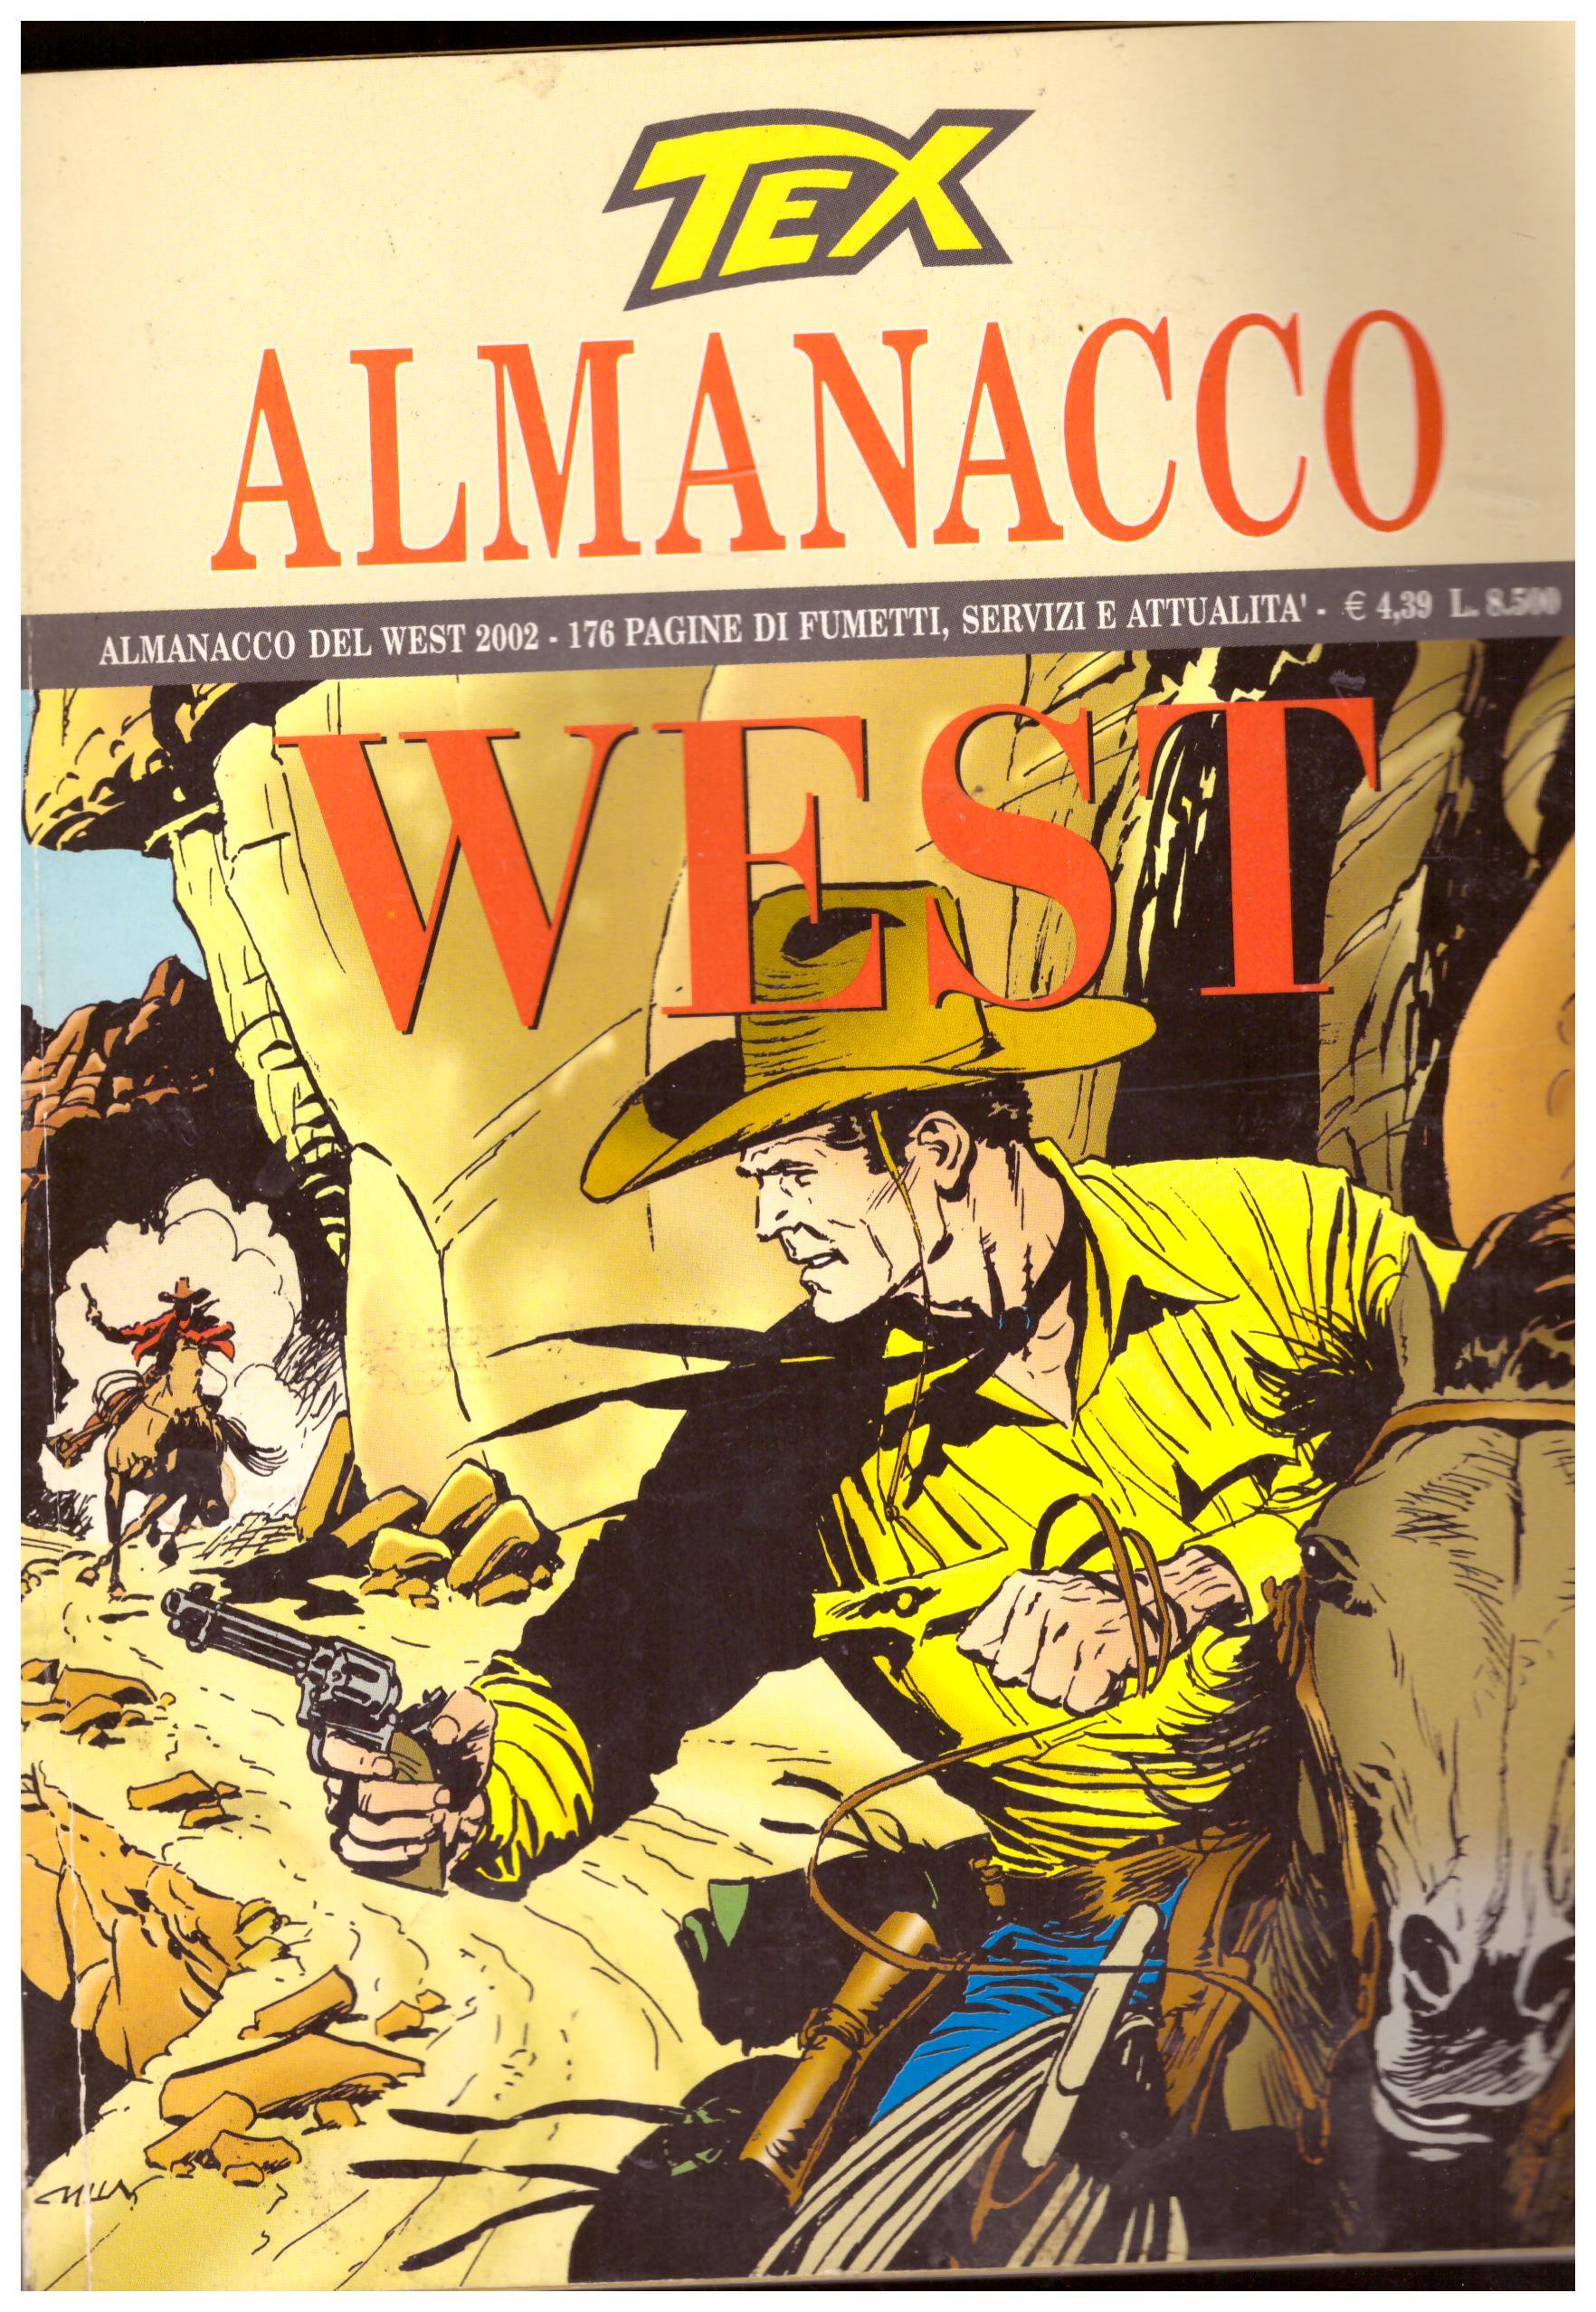 Titolo: Tex almanacco del west 2002 Autore: AA.VV.  Editore: sergio bonelli editore, 2002